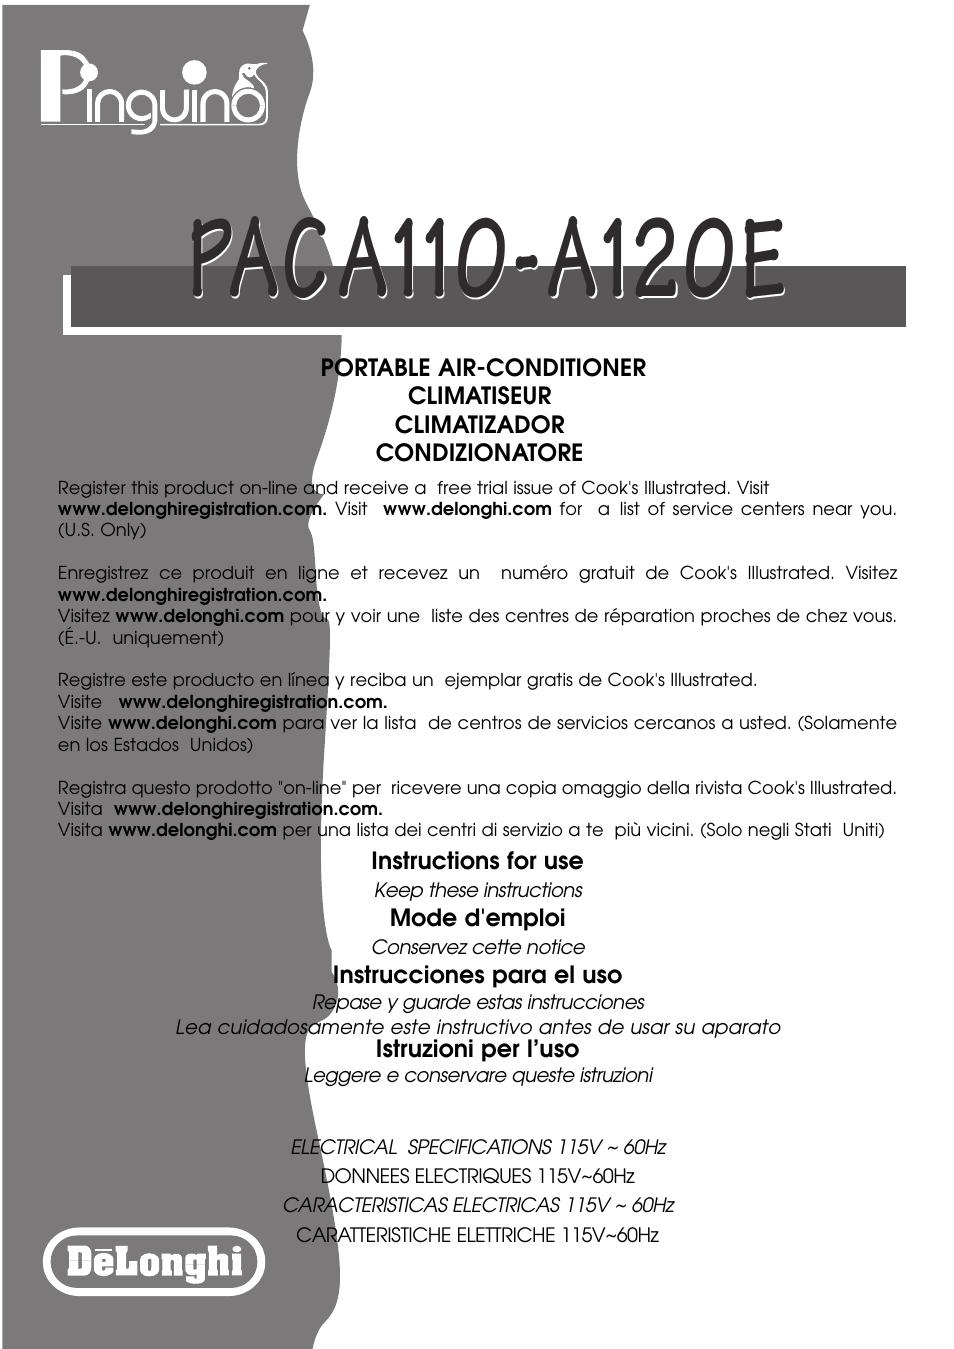 DeLonghi PACA110-A120E User Manual | 18 pages